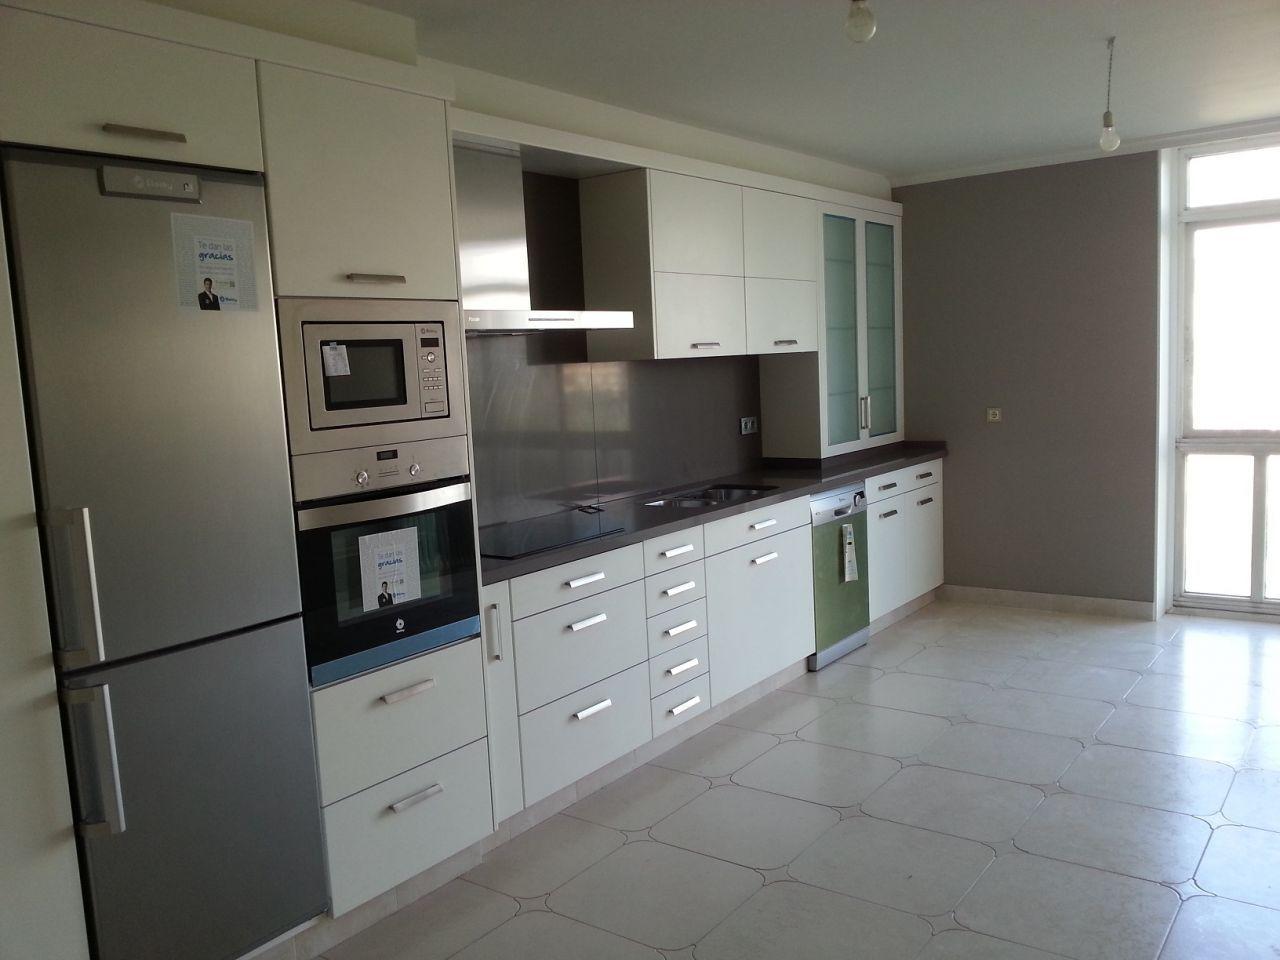 Cambiar muebles de cocina muebles cocina blanco cocinas - Cambiar puertas muebles cocina ...